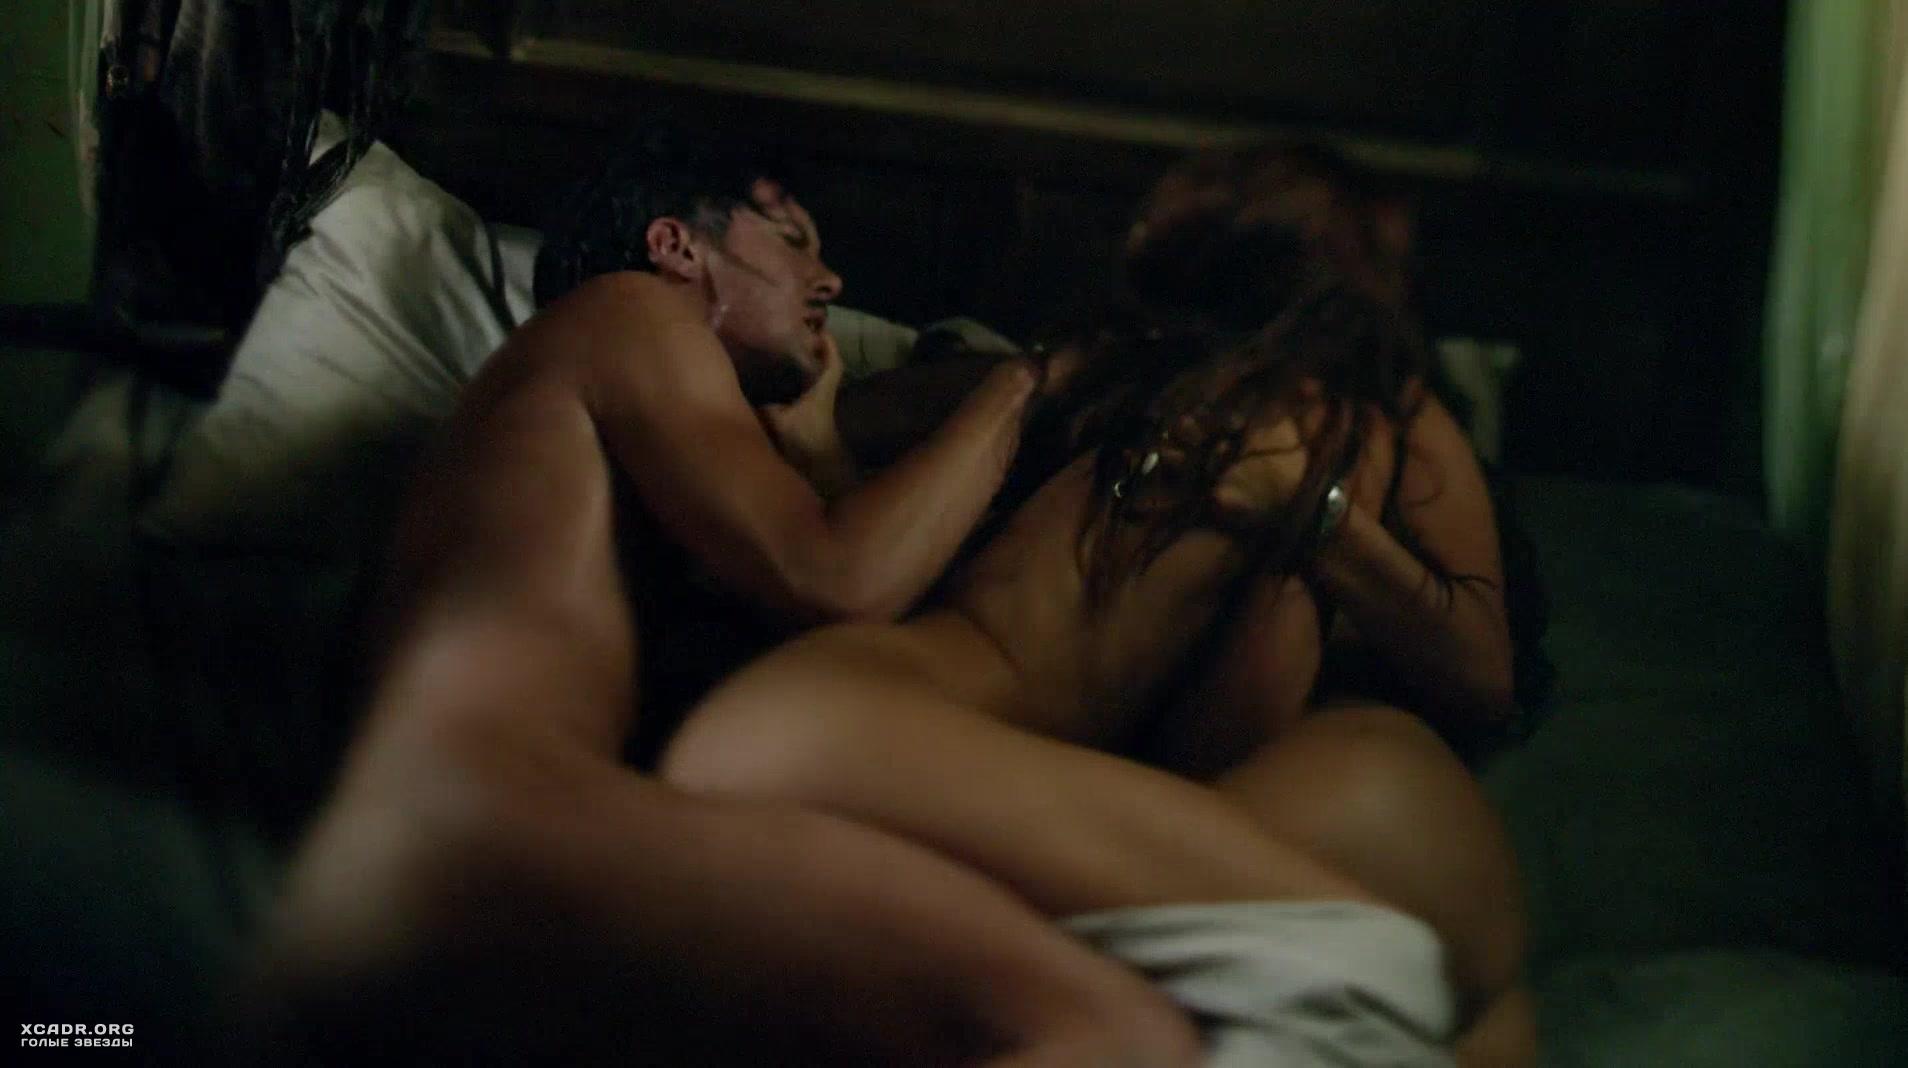 порно фильмы с геями онлайн